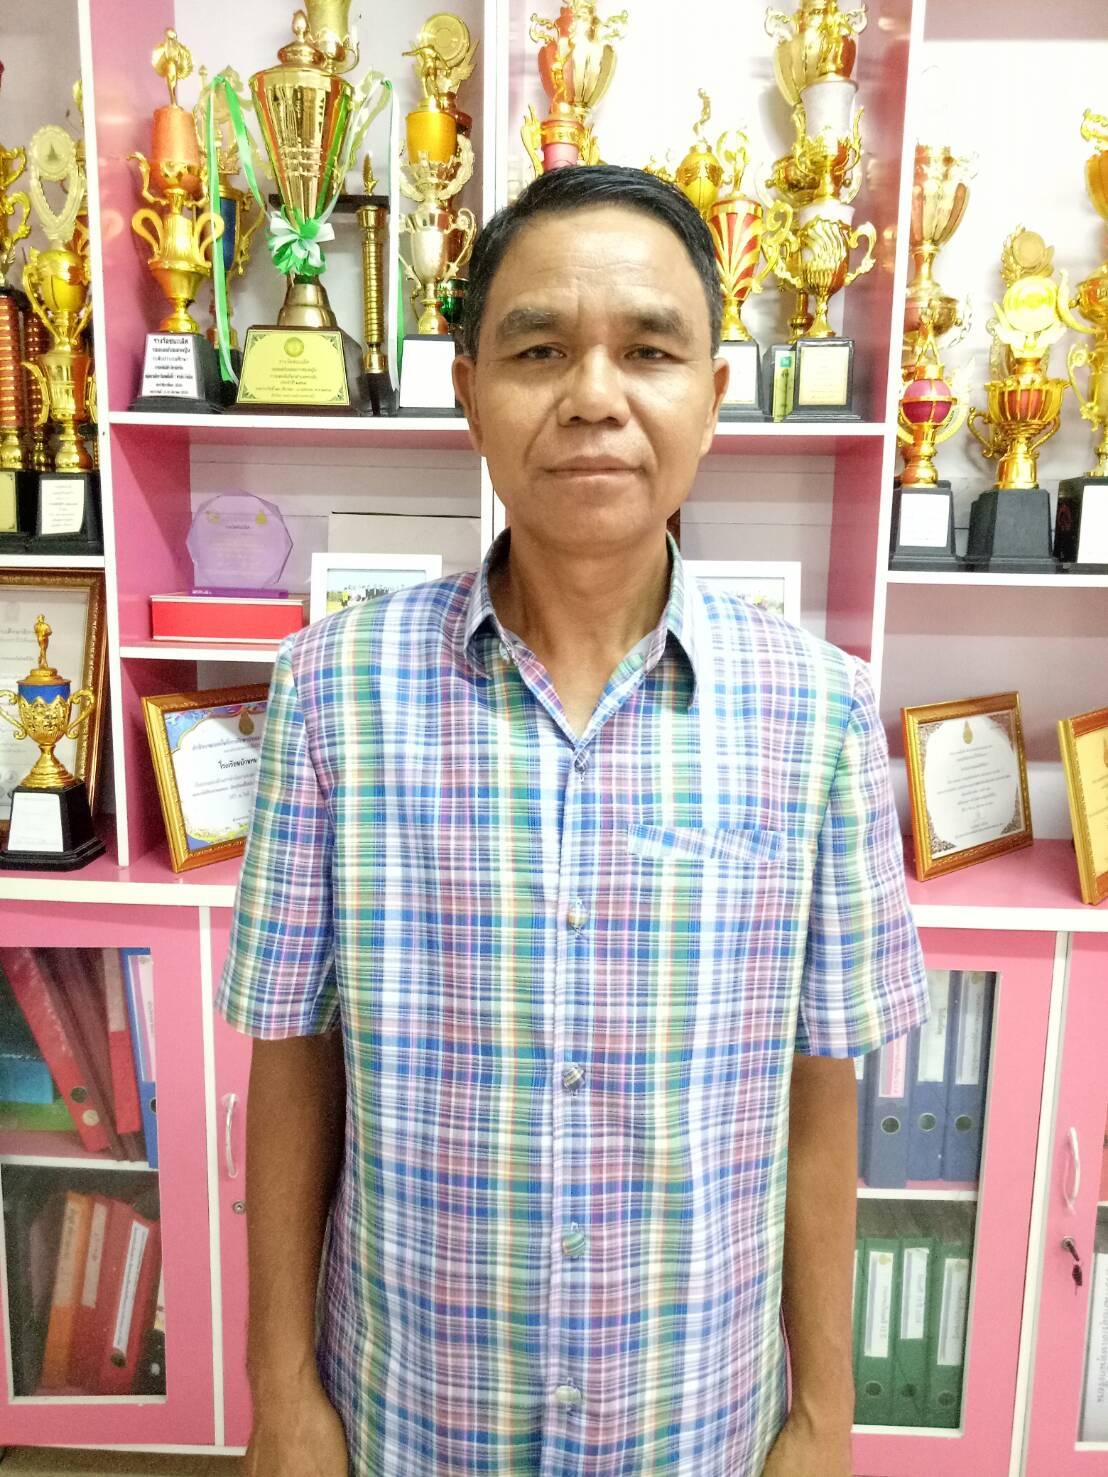 นายภานุพงศ์ นวลบุญมา ผู้อำนวยการโรงเรียนบ้านหนองไฮโพธิ์ชัย โทร : 063-5963524